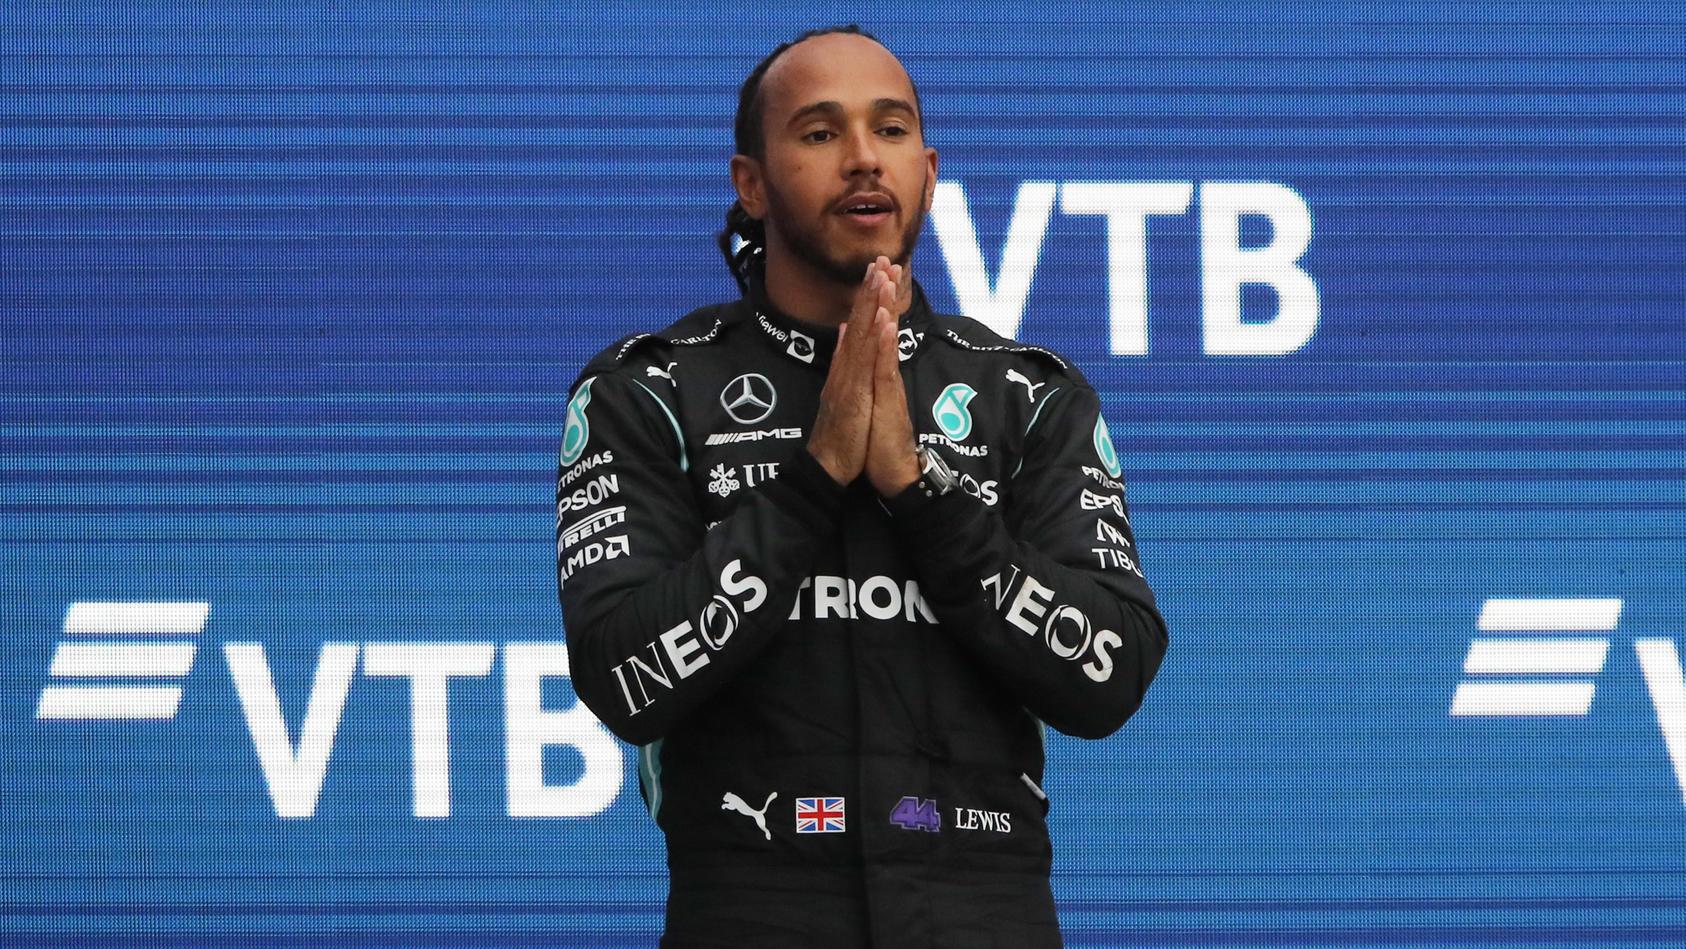 Wahnsinn! Lewis Hamilton gewann in Russland zum 100. Mal ein Formel-1-Rennen.